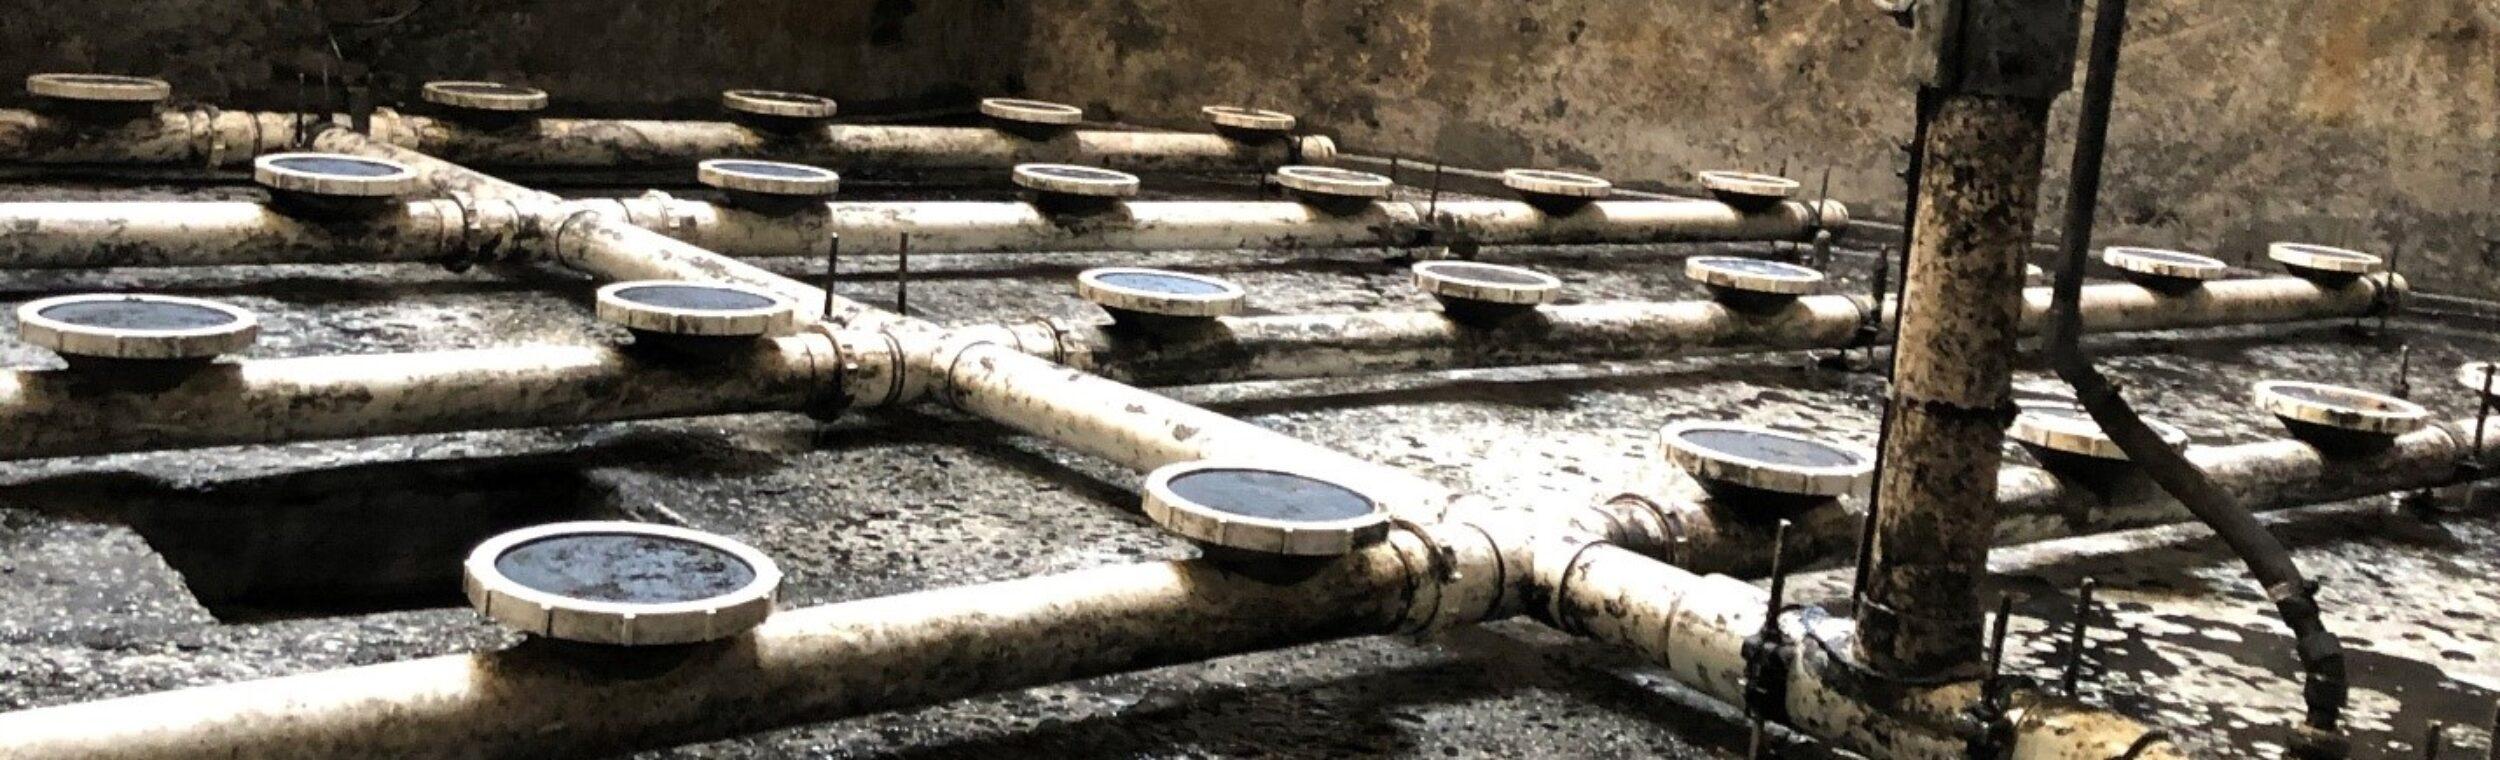 Industrial Cleaning Asbestos Abatement Western Ny Sessler Environmental 2